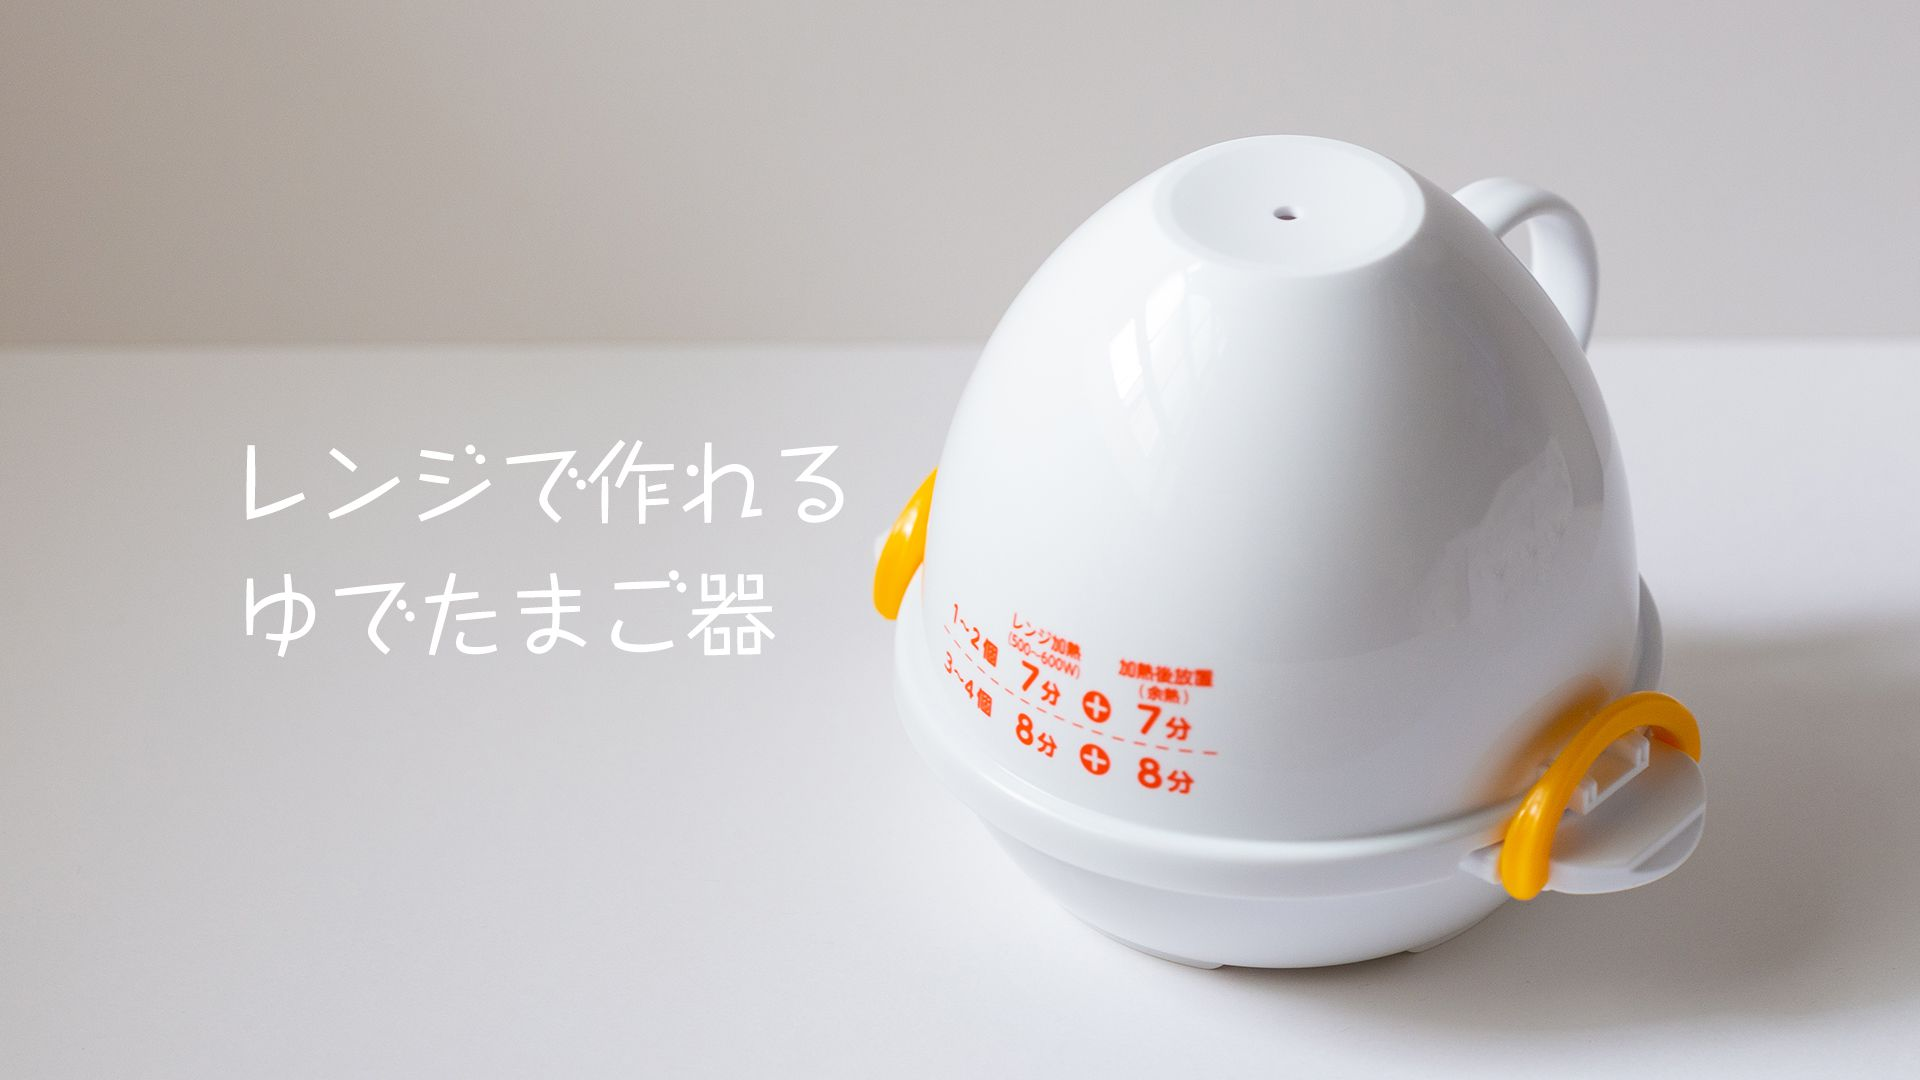 曙産業のレンジで作れるゆでたまご器レビュー